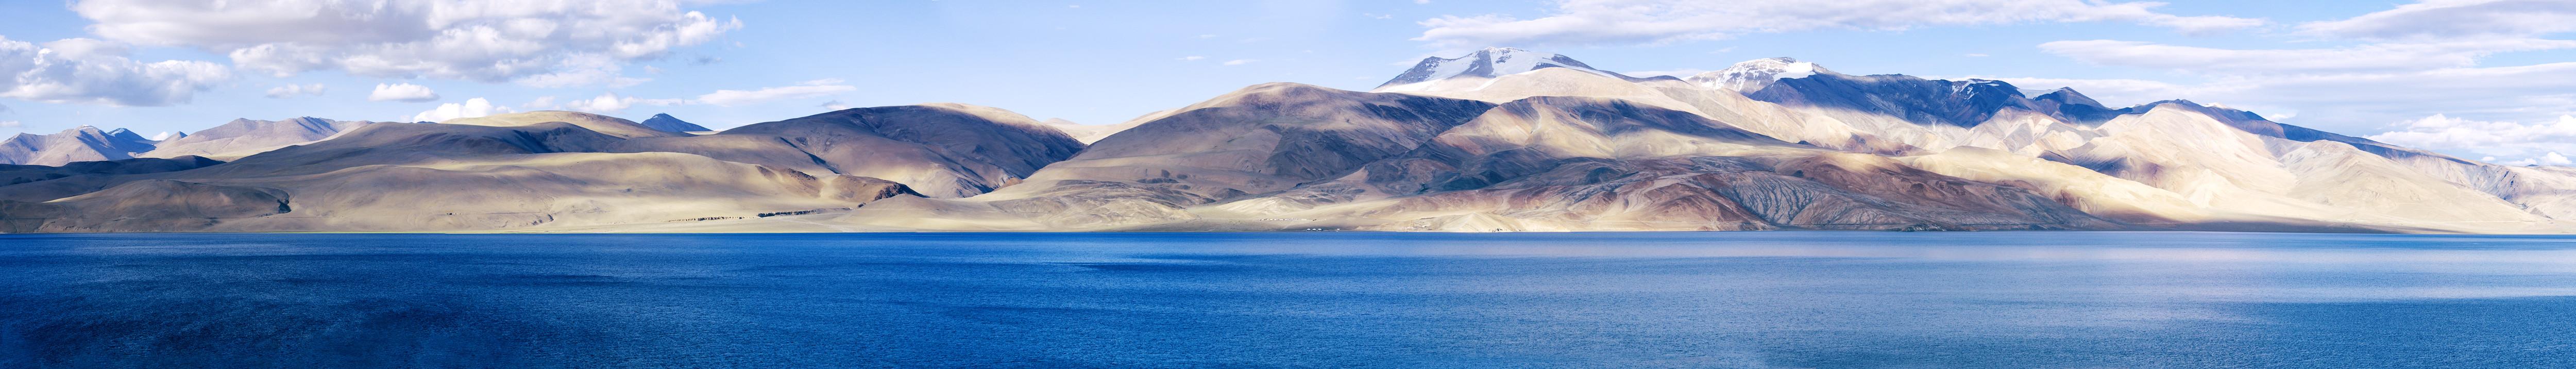 Озеро Тсо Морири, Ладакх, Индия. Панорамы Гималаев